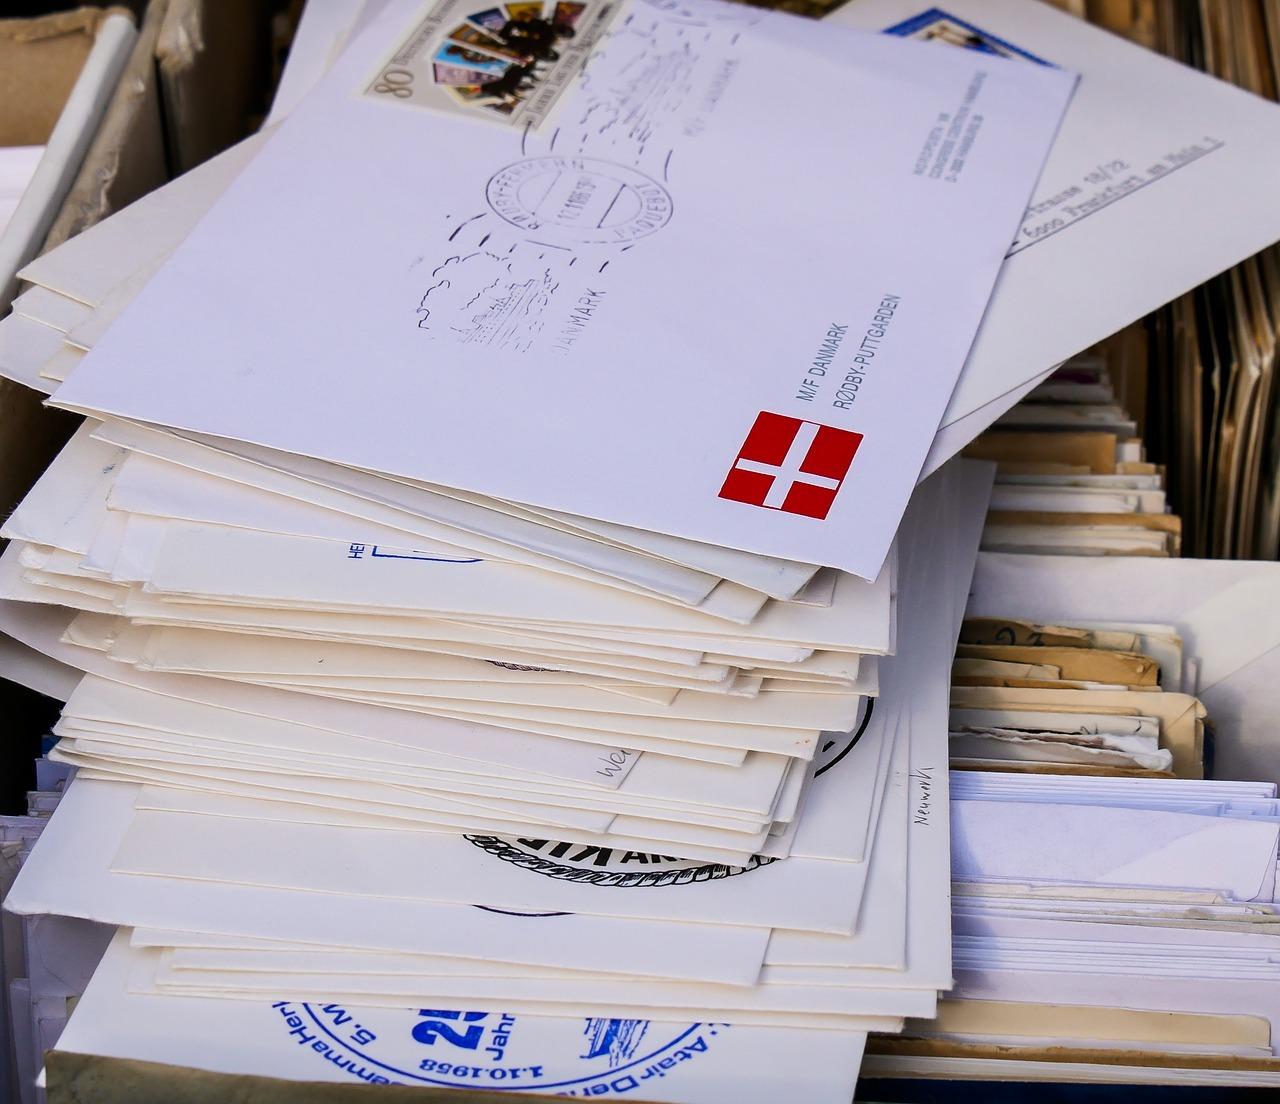 ραντεβού επίσημη επαγγελματική επιστολή Δανία χριστιανική χρονολόγηση site